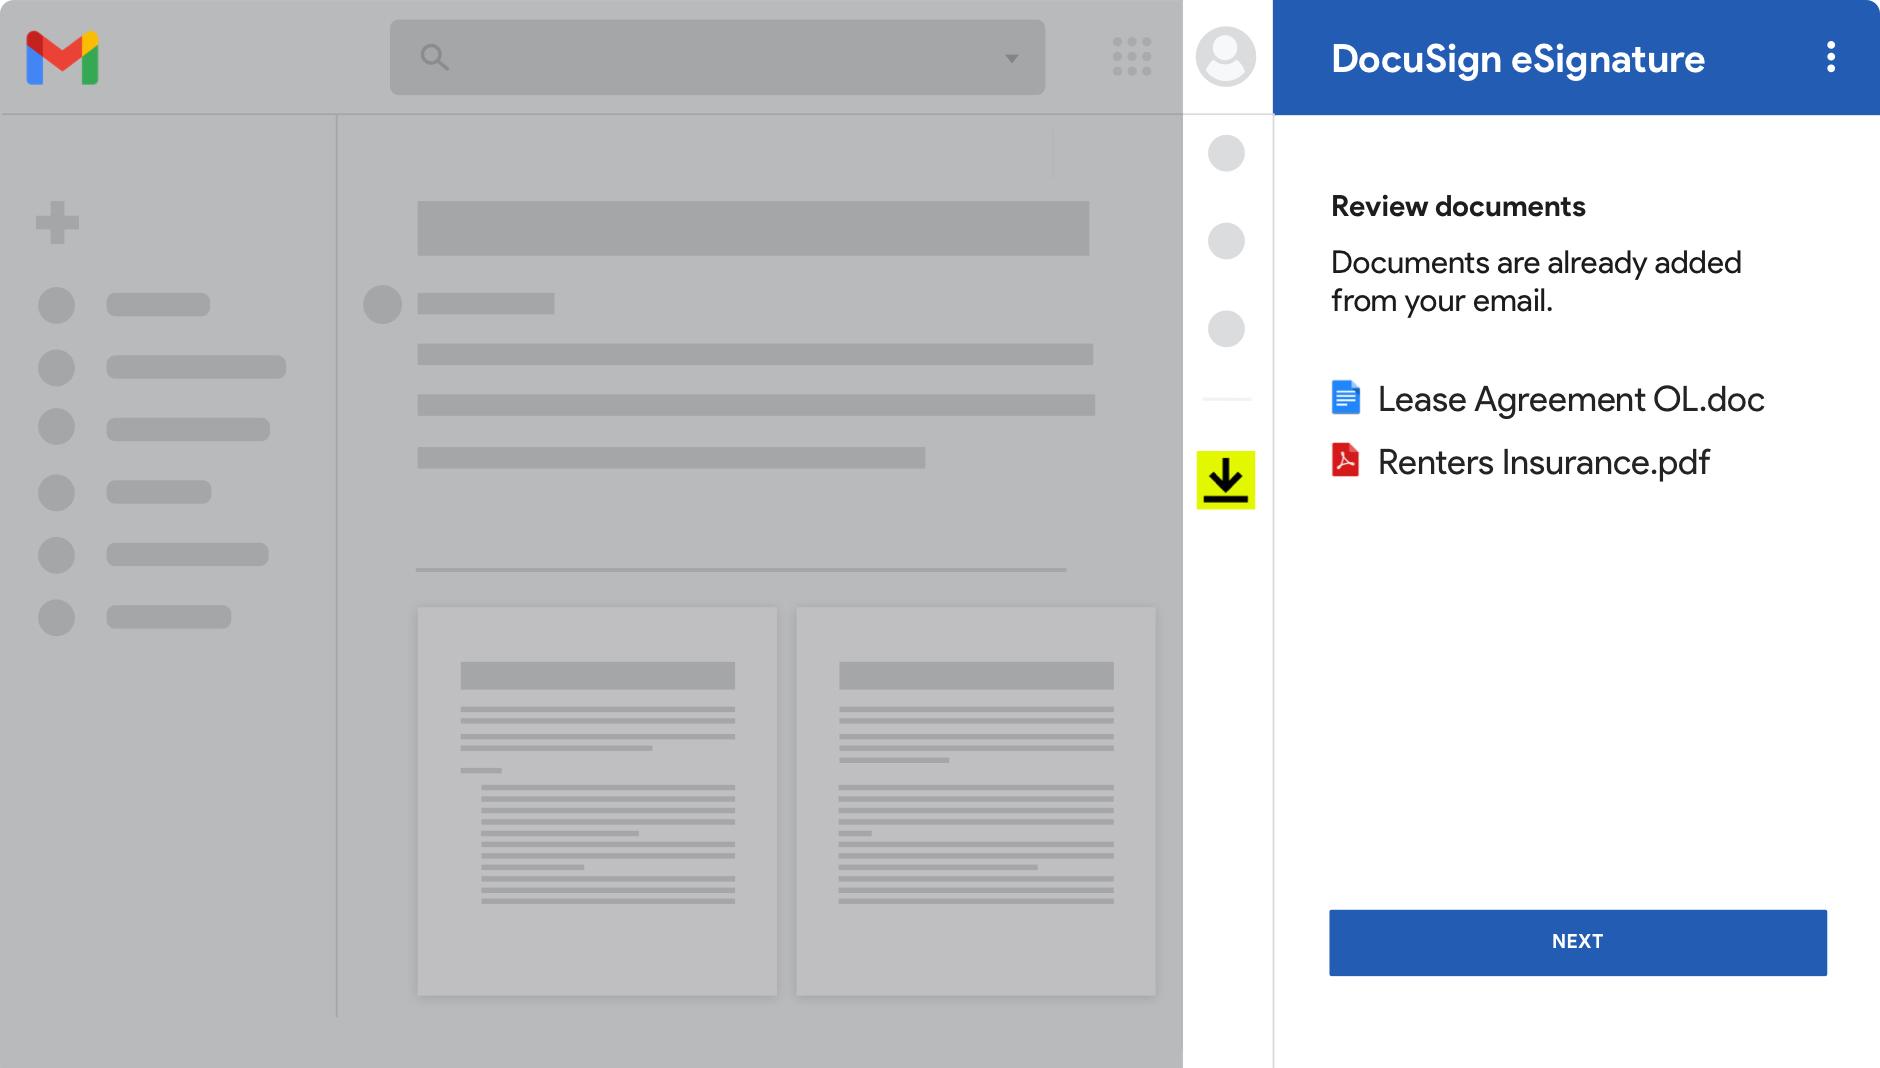 Capture d'écran Gmail montrant des documents prêts à être consultés dans DocuSign eSignature.